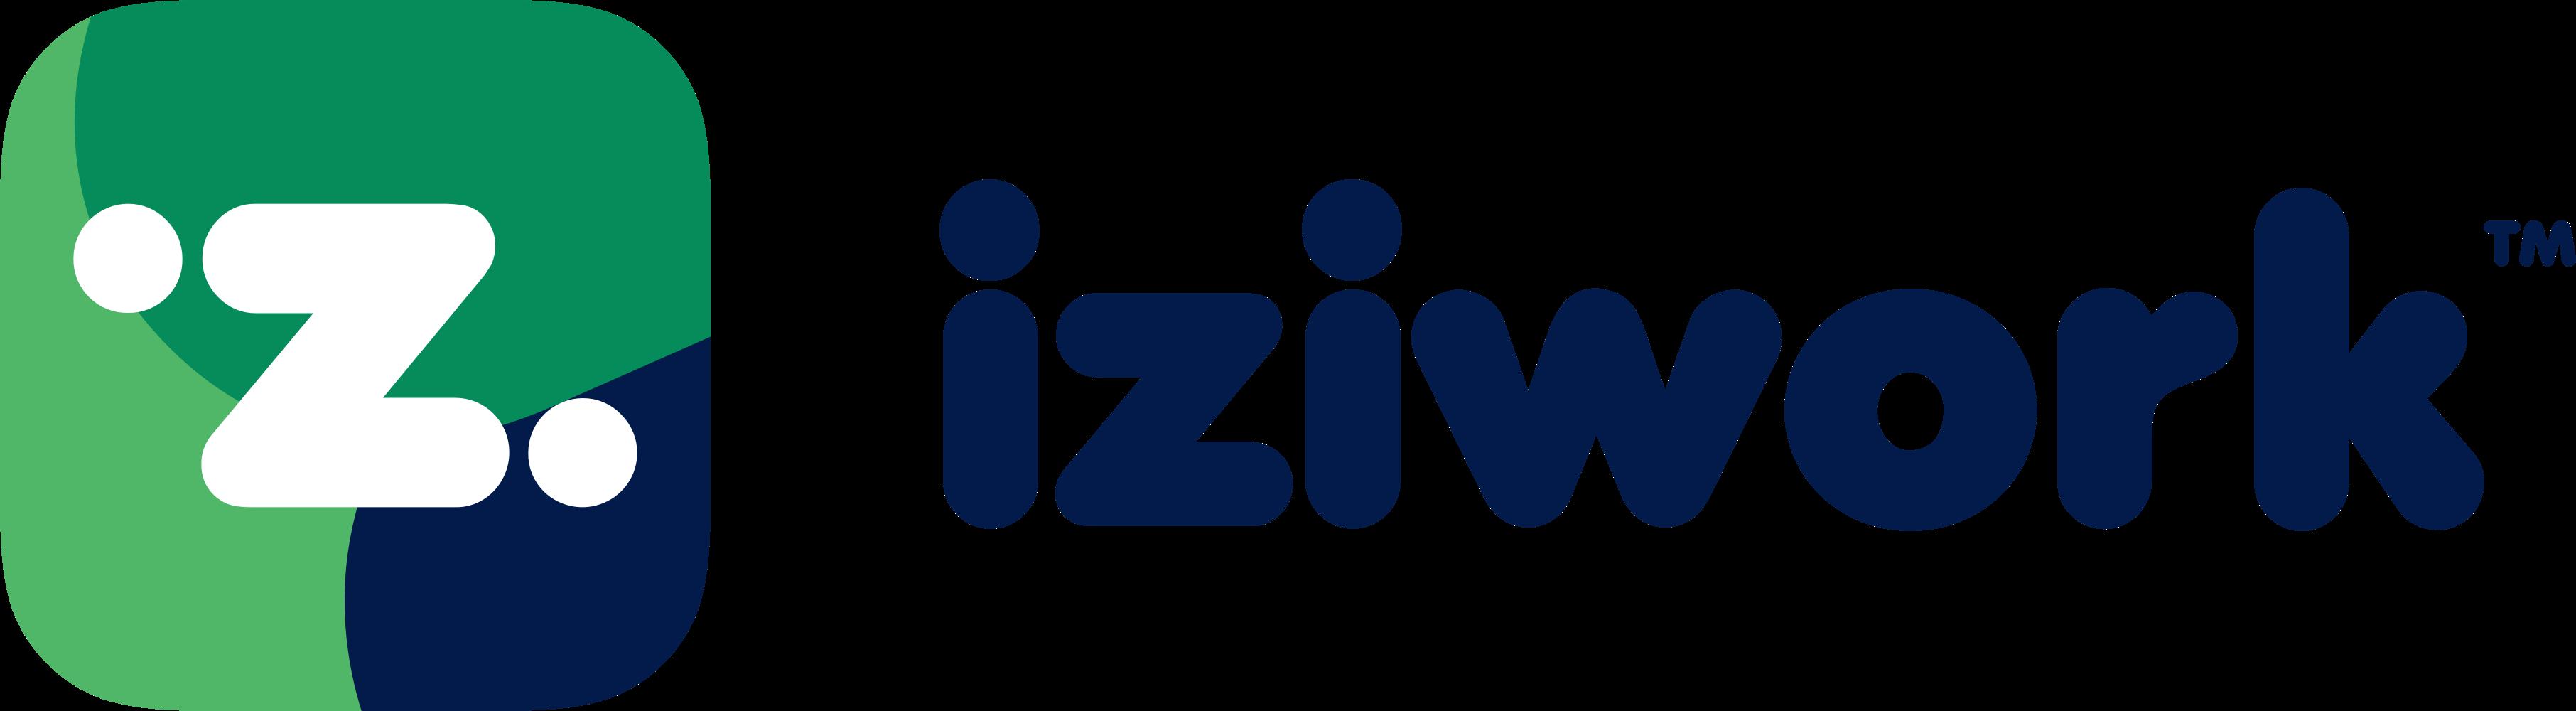 Découvrez la dernière news de iziwork | J'❤️ les startups